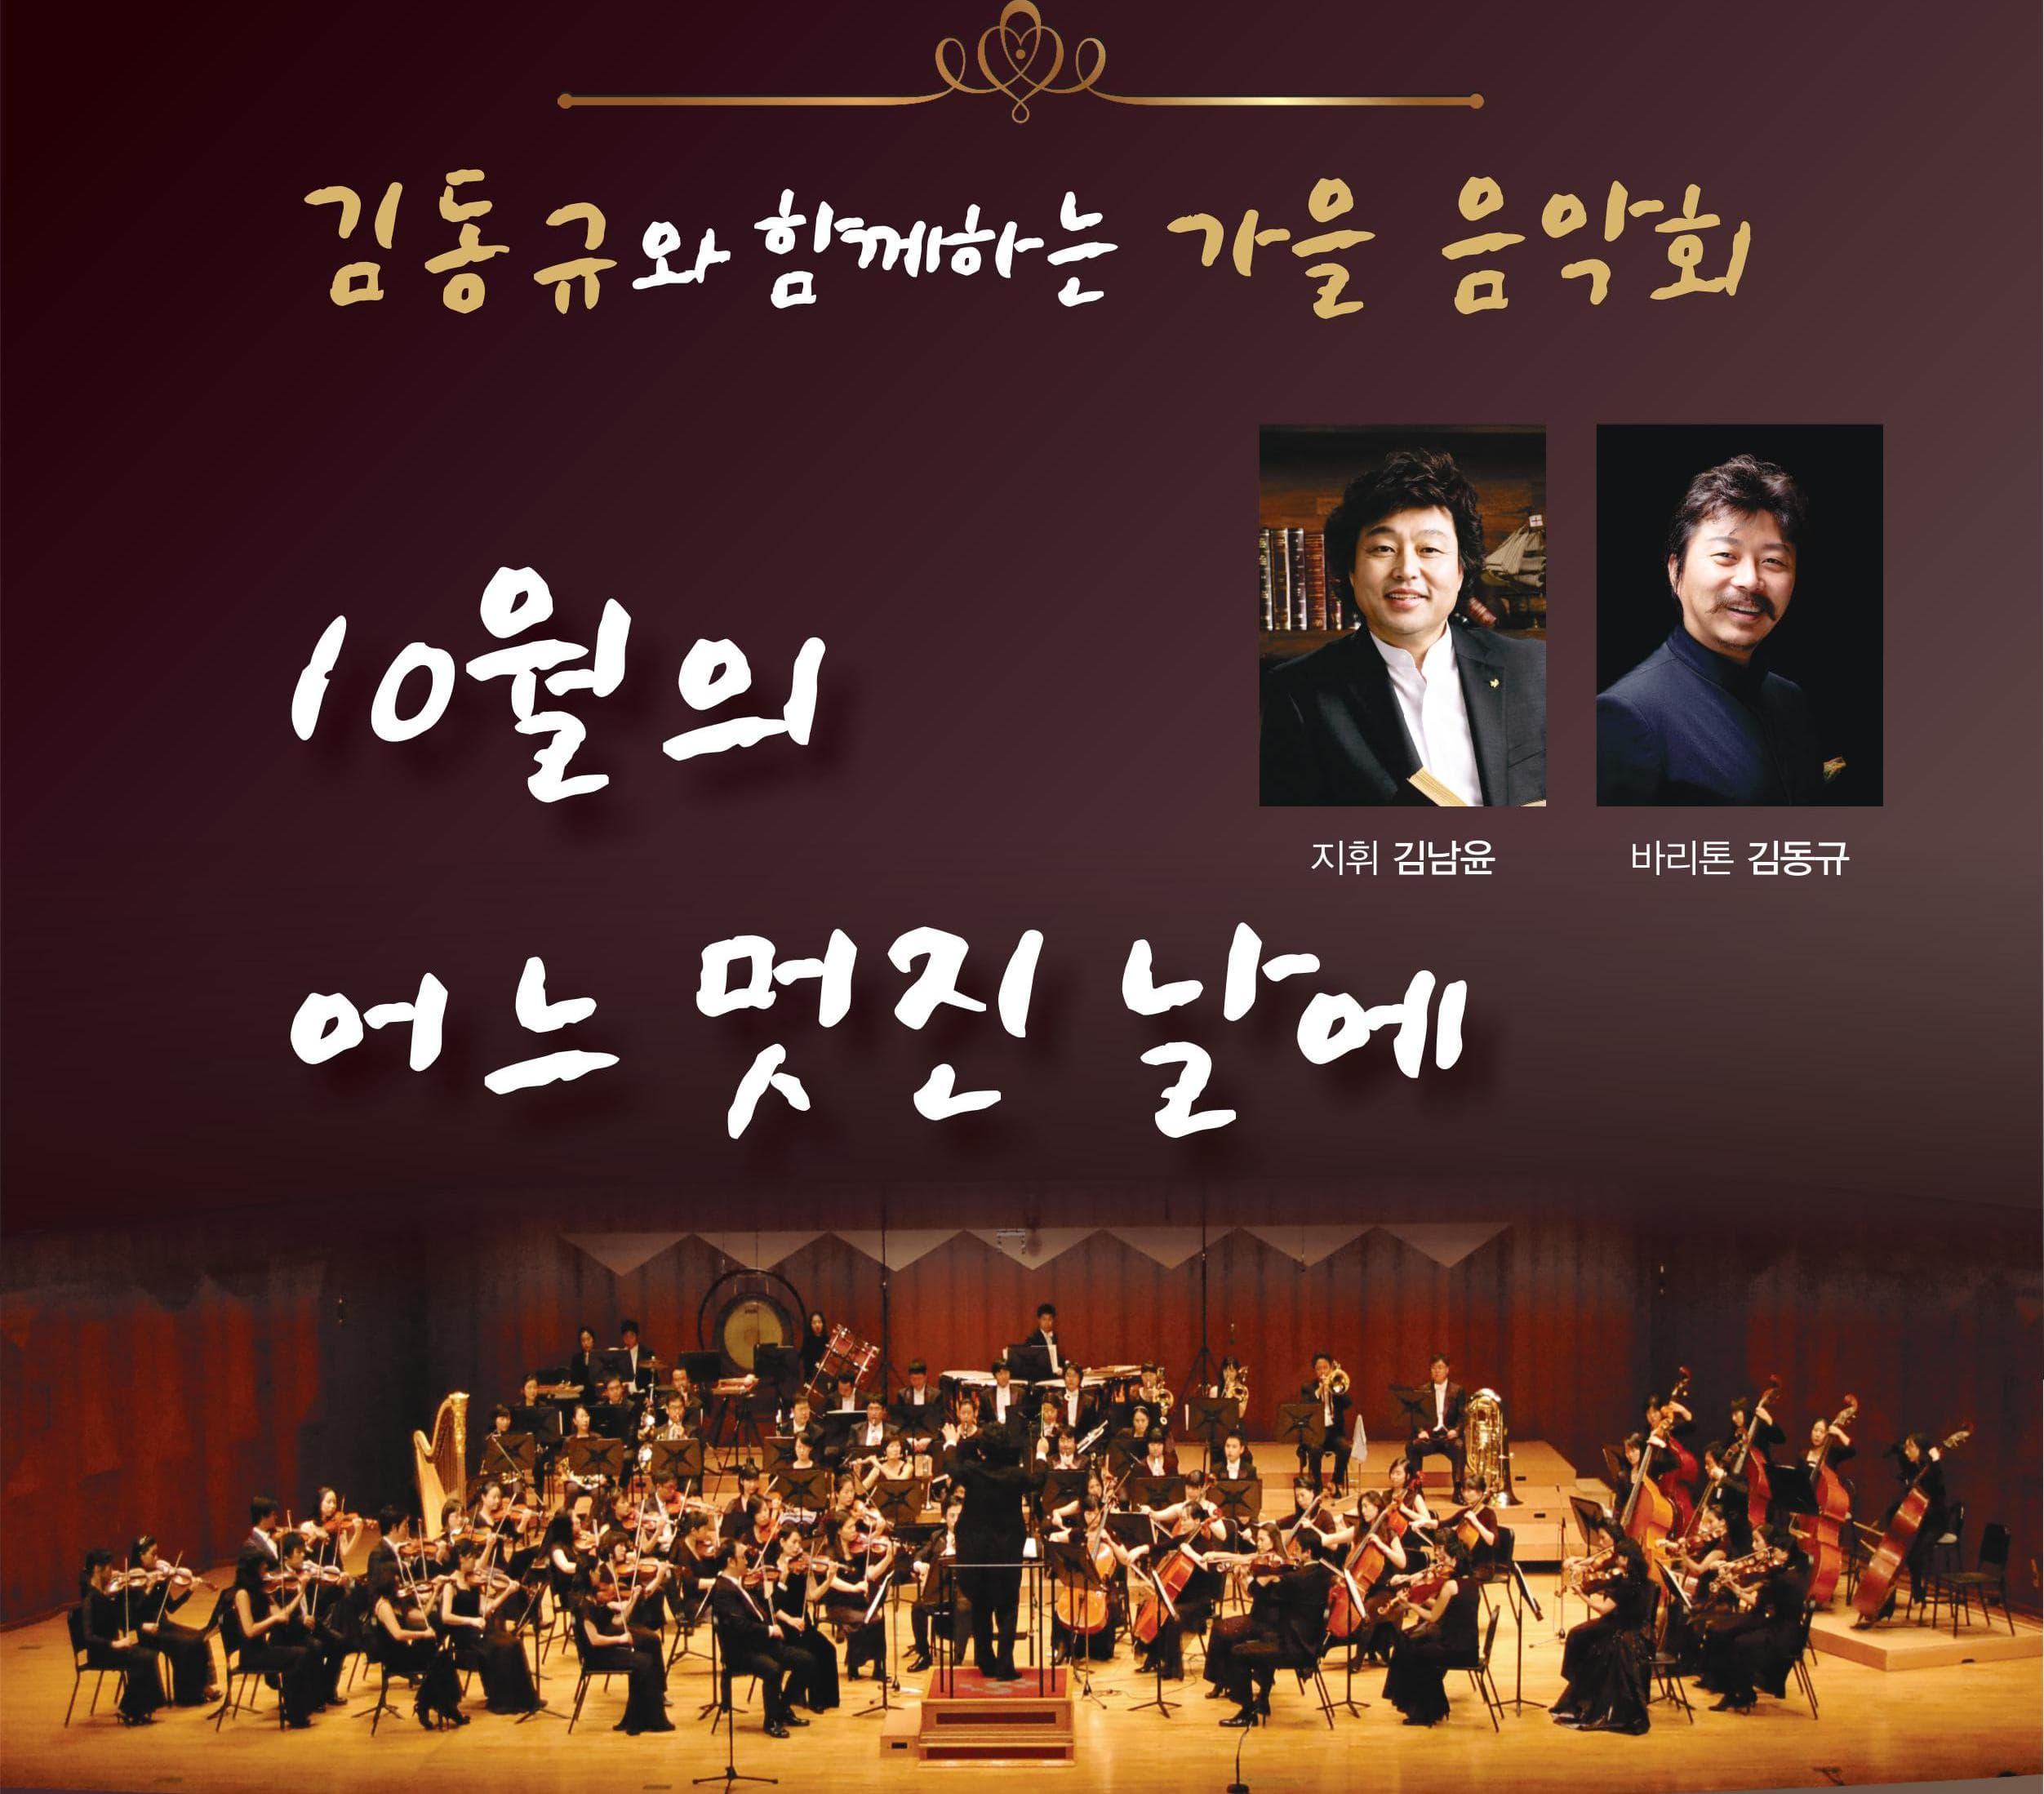 [수요일에 라라라 김동규와 함께하는 가을음악회] 10월의 어느 멋진 날에